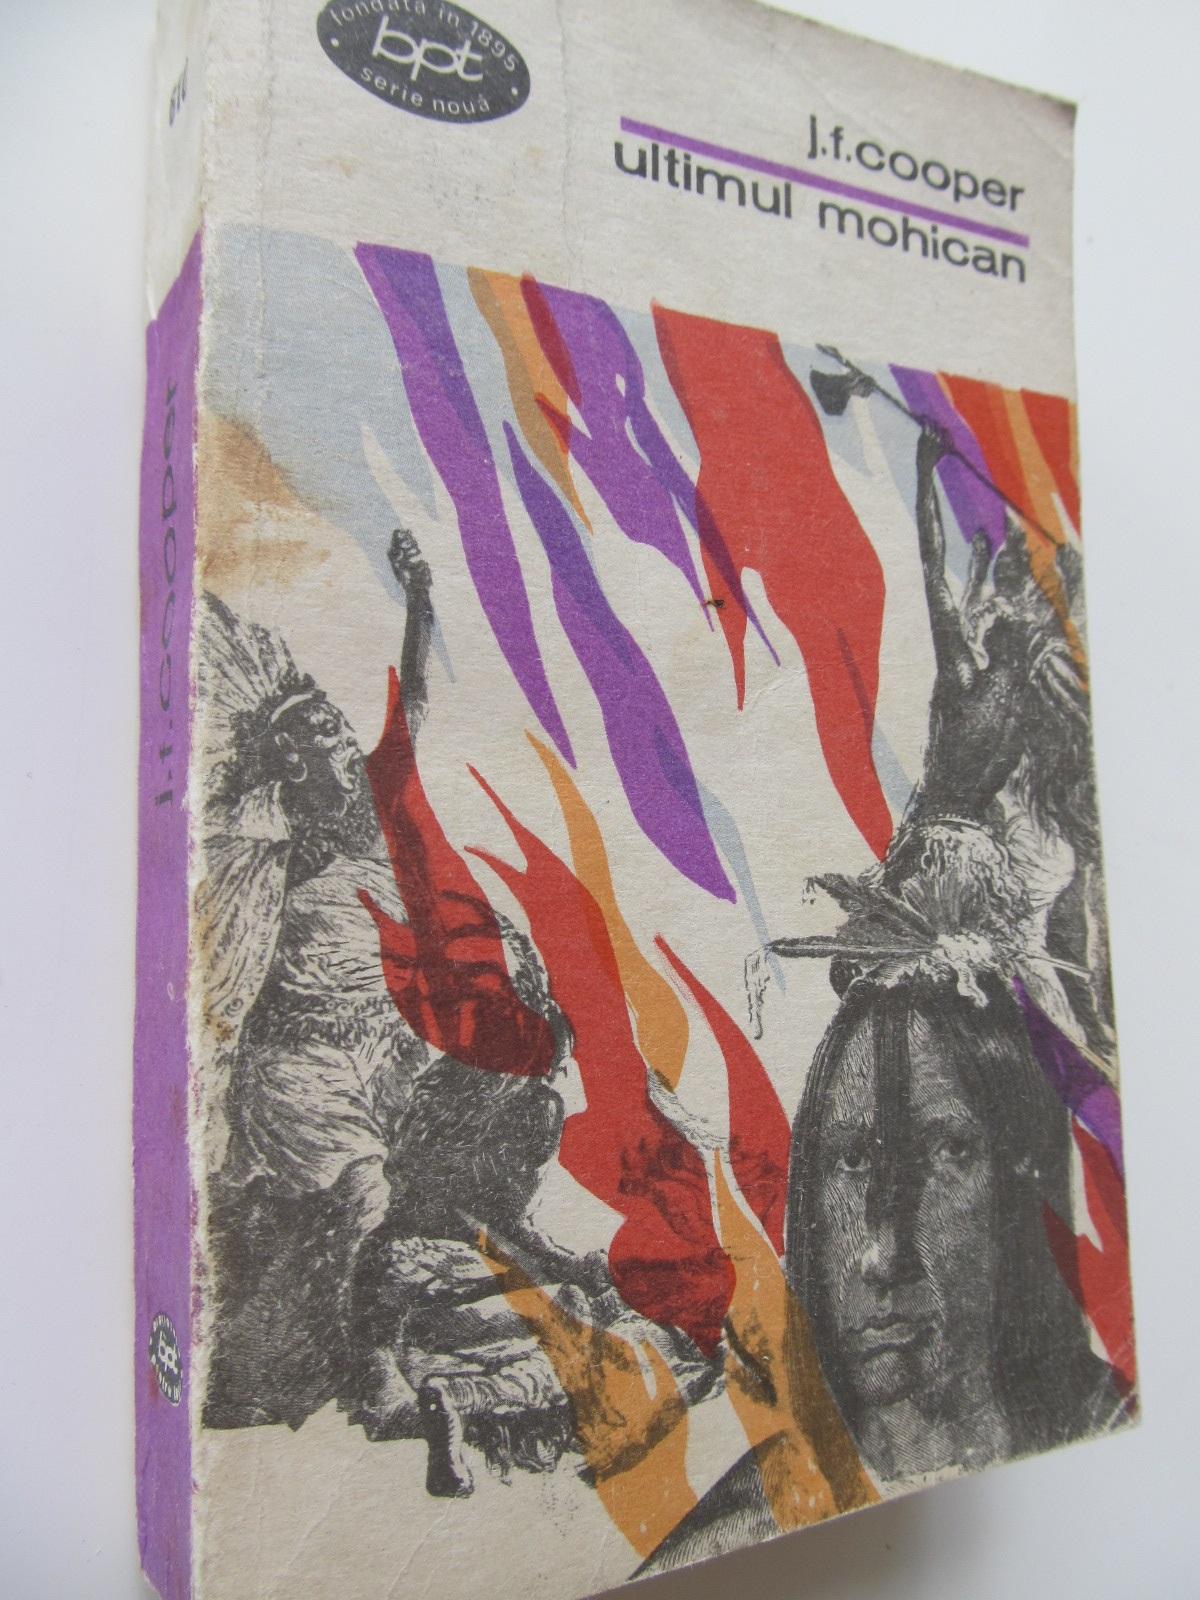 Ultimul mohican - J. F. Cooper | Detalii carte